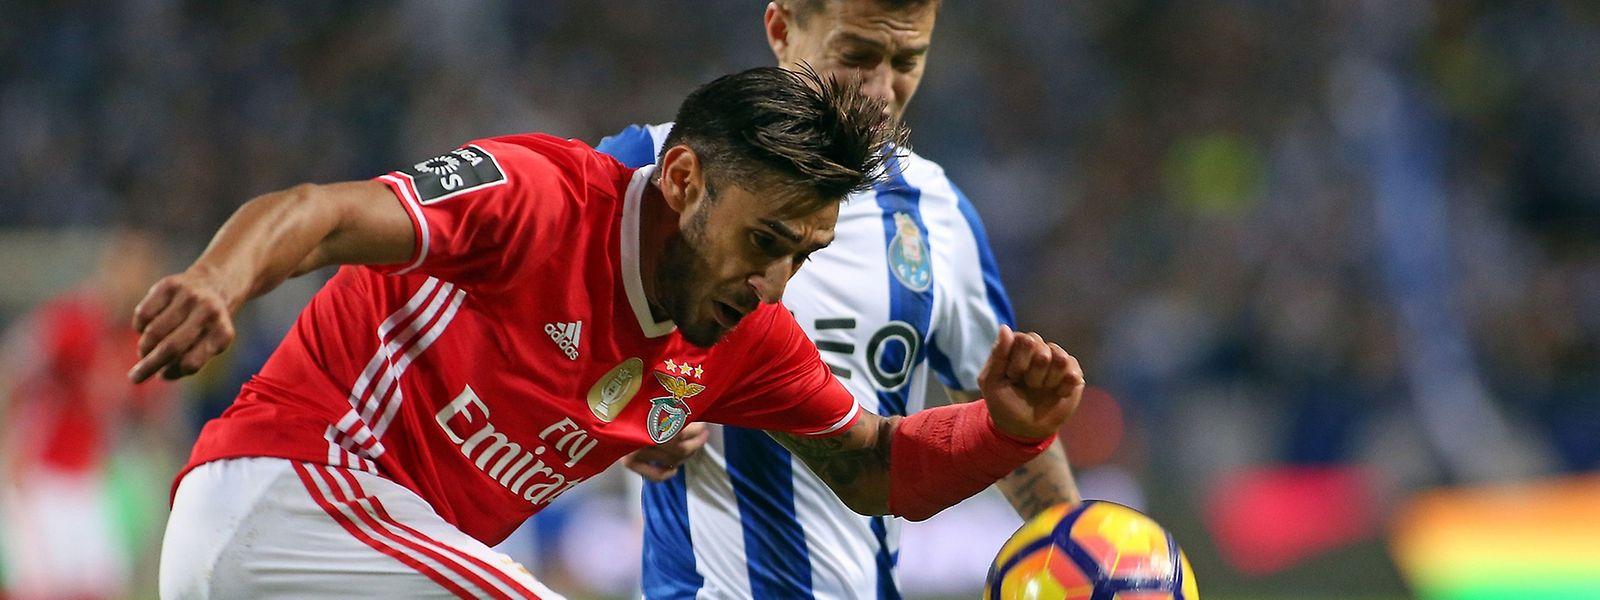 Benfice e FC Porto não quereme perder pontos este fim de semana